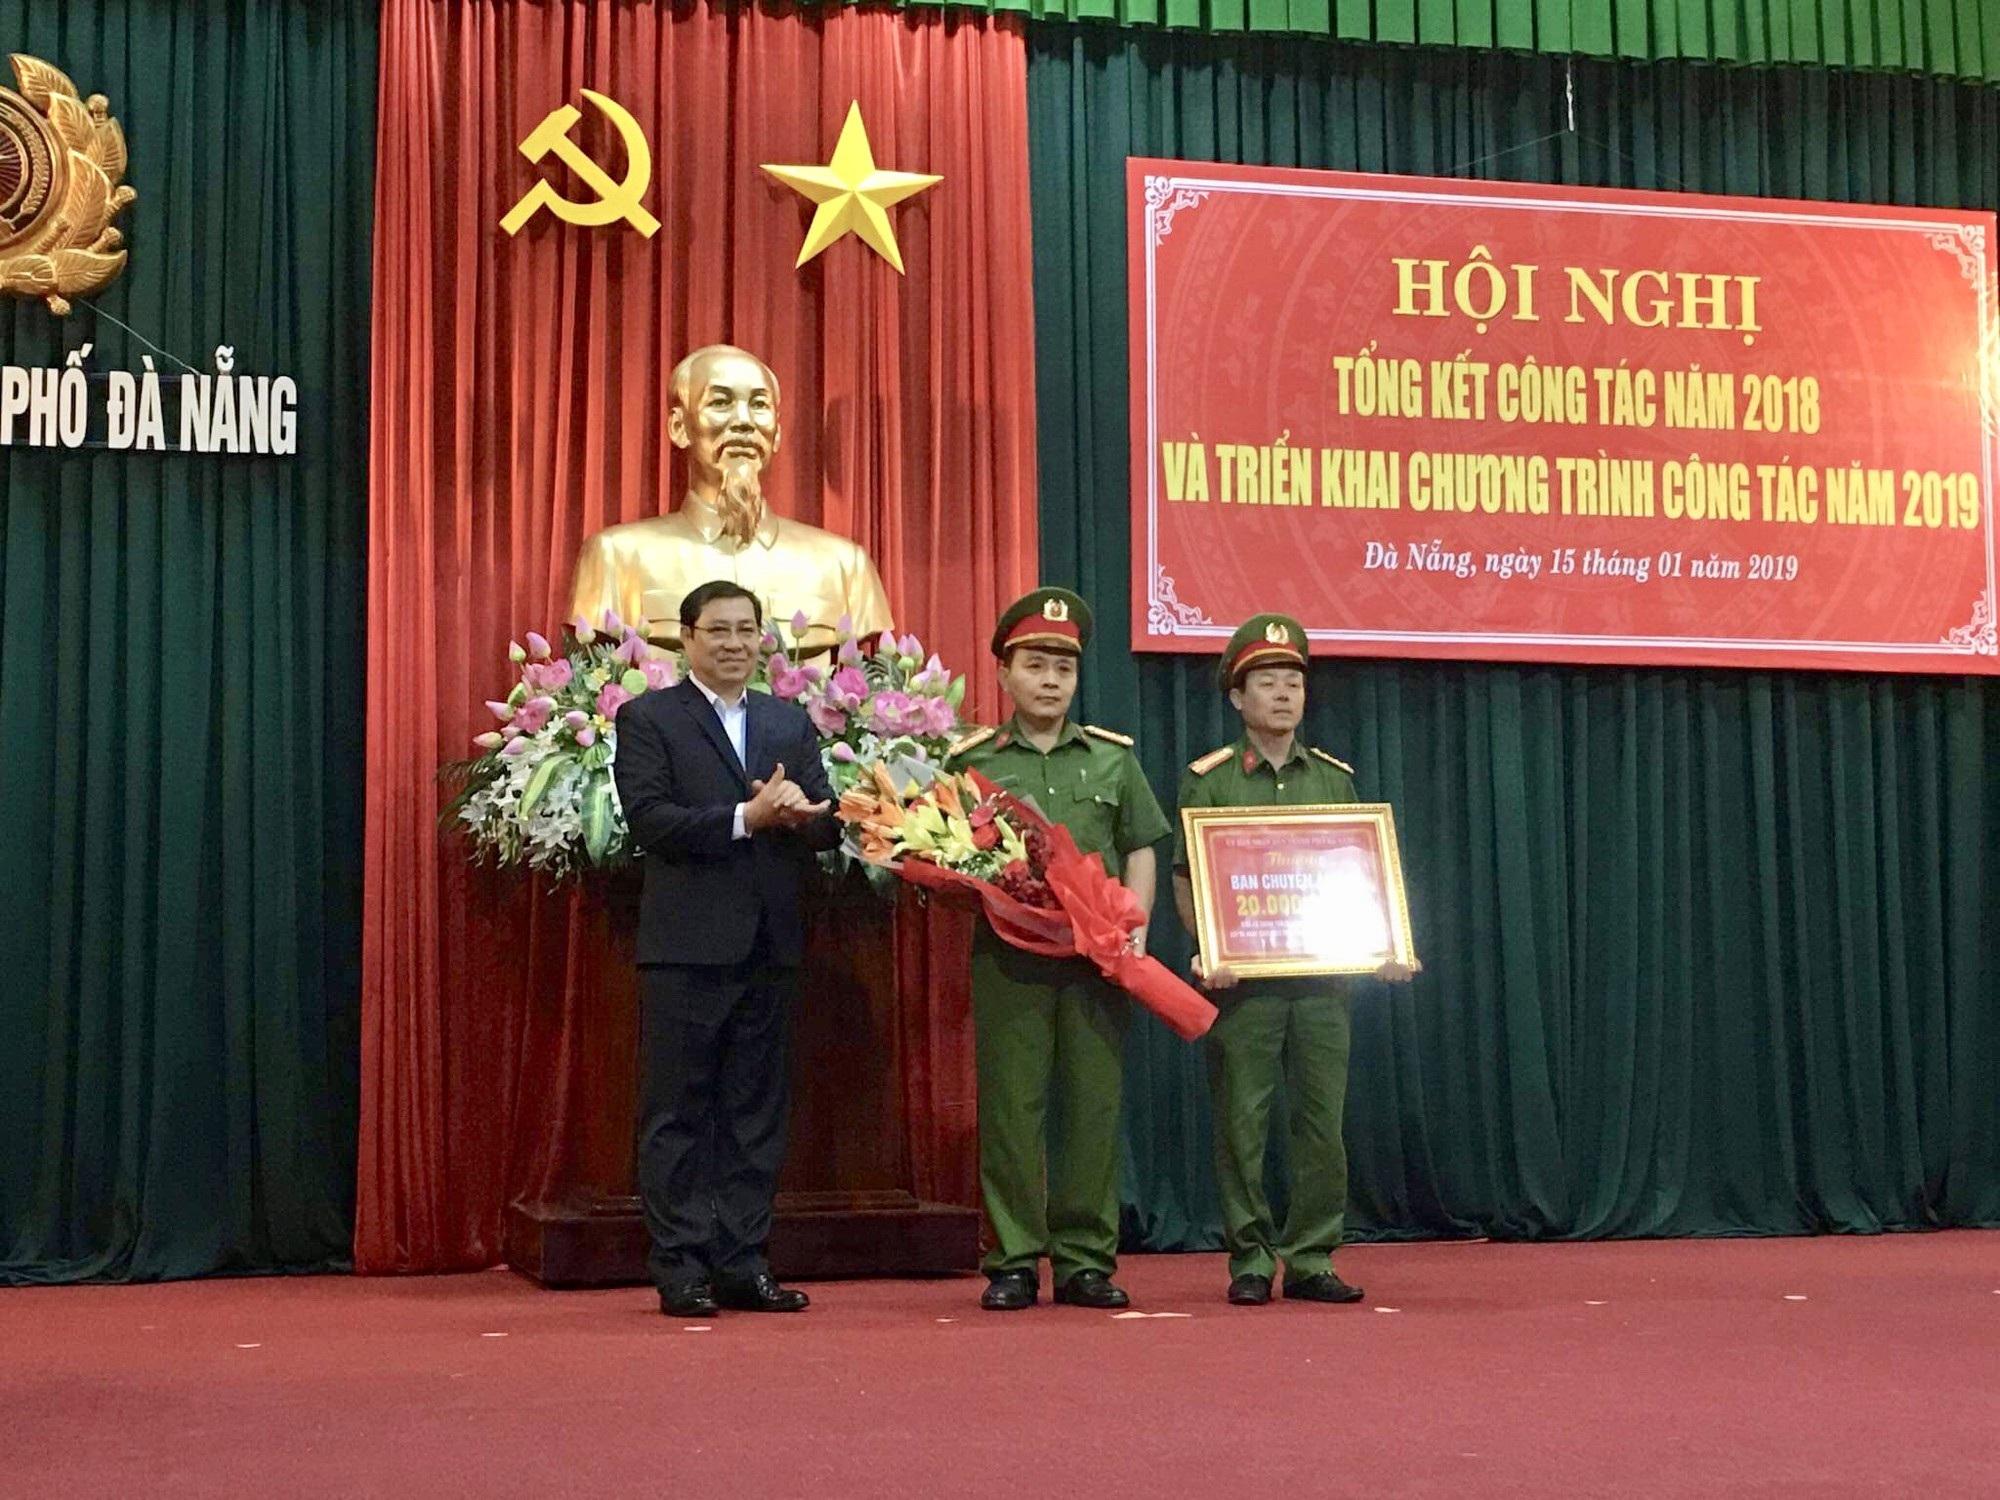 Lời khai của nghi phạm thực hiện vụ cướp chỉ trong 27 giây ở Đà Nẵng - Ảnh 1.